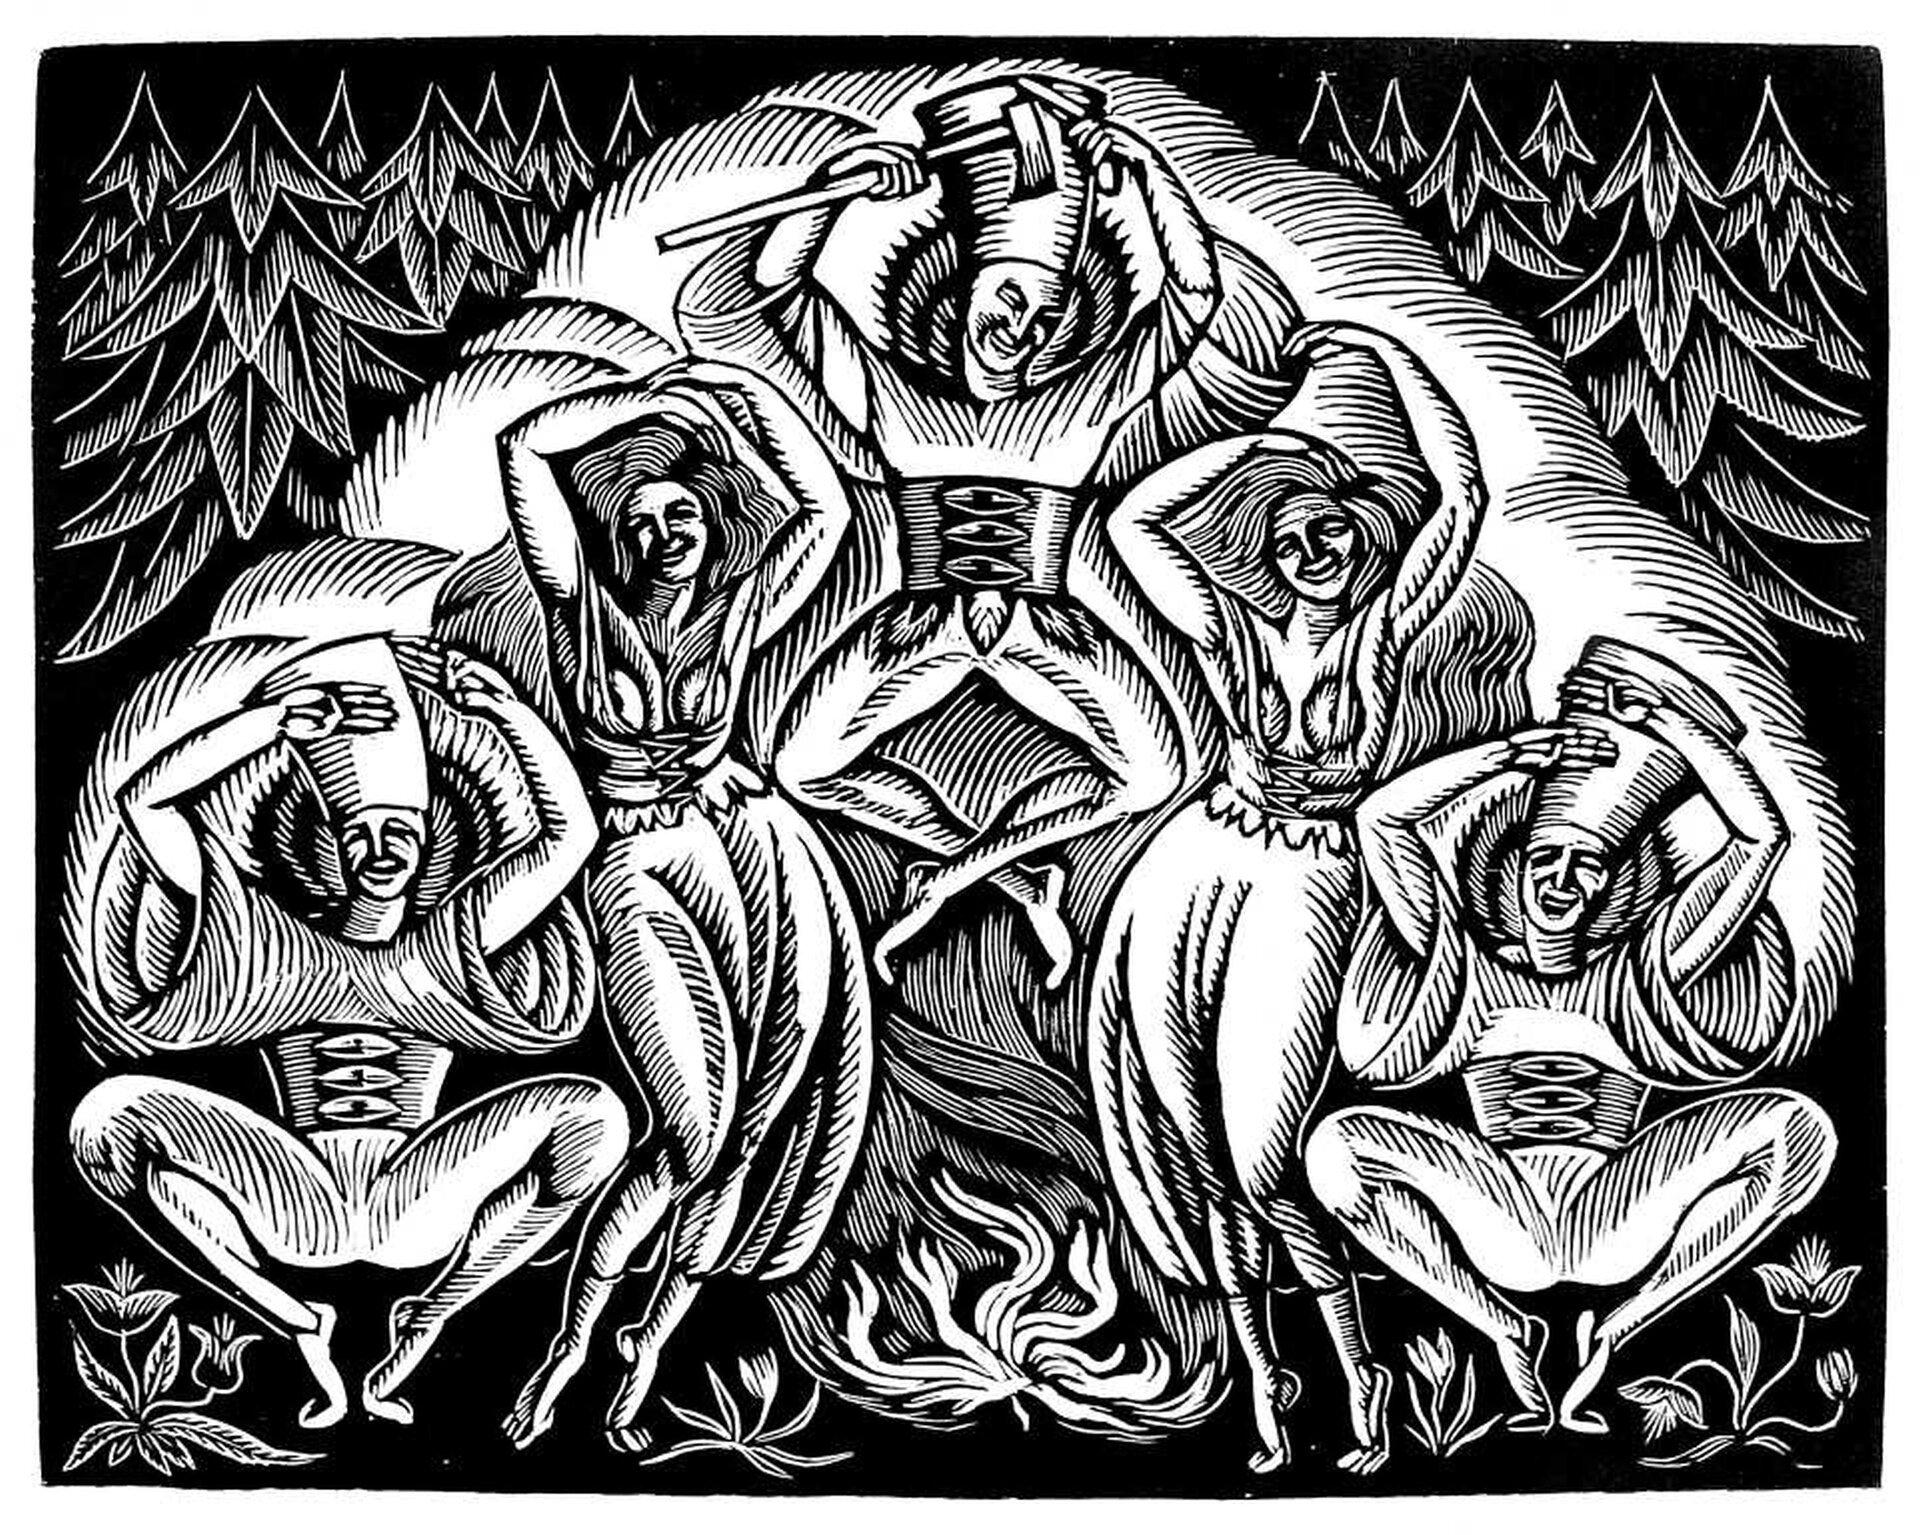 """Ilustracja przedstawia czarno-biały drzeworyt Władysława Skoczylasa """"Taniec"""". Ukazuje symetrycznie skomponowana scenę, wktórej postacie tańczą przy ognisku. Na szczycie kompozycji znajduje się mężczyzna skaczący nad ogniskiem, trzymający wprawej dłoni ciupagę. Po bokach tańczą dwie kobiety oraz dwaj mężczyźni. Wszystkie postacie ubrane są wregionalne stroje. Mężczyźni mają na sobie obcisłe spodnie iluźne koszule oraz szerokie pasy zklamrami. Kobiety ubrane są wdługie spódnice idopasowane, wiązane wpasie bluzki. Postacie ukazane są na tle chmury dymu. Wtle znajduje się iglasty las."""